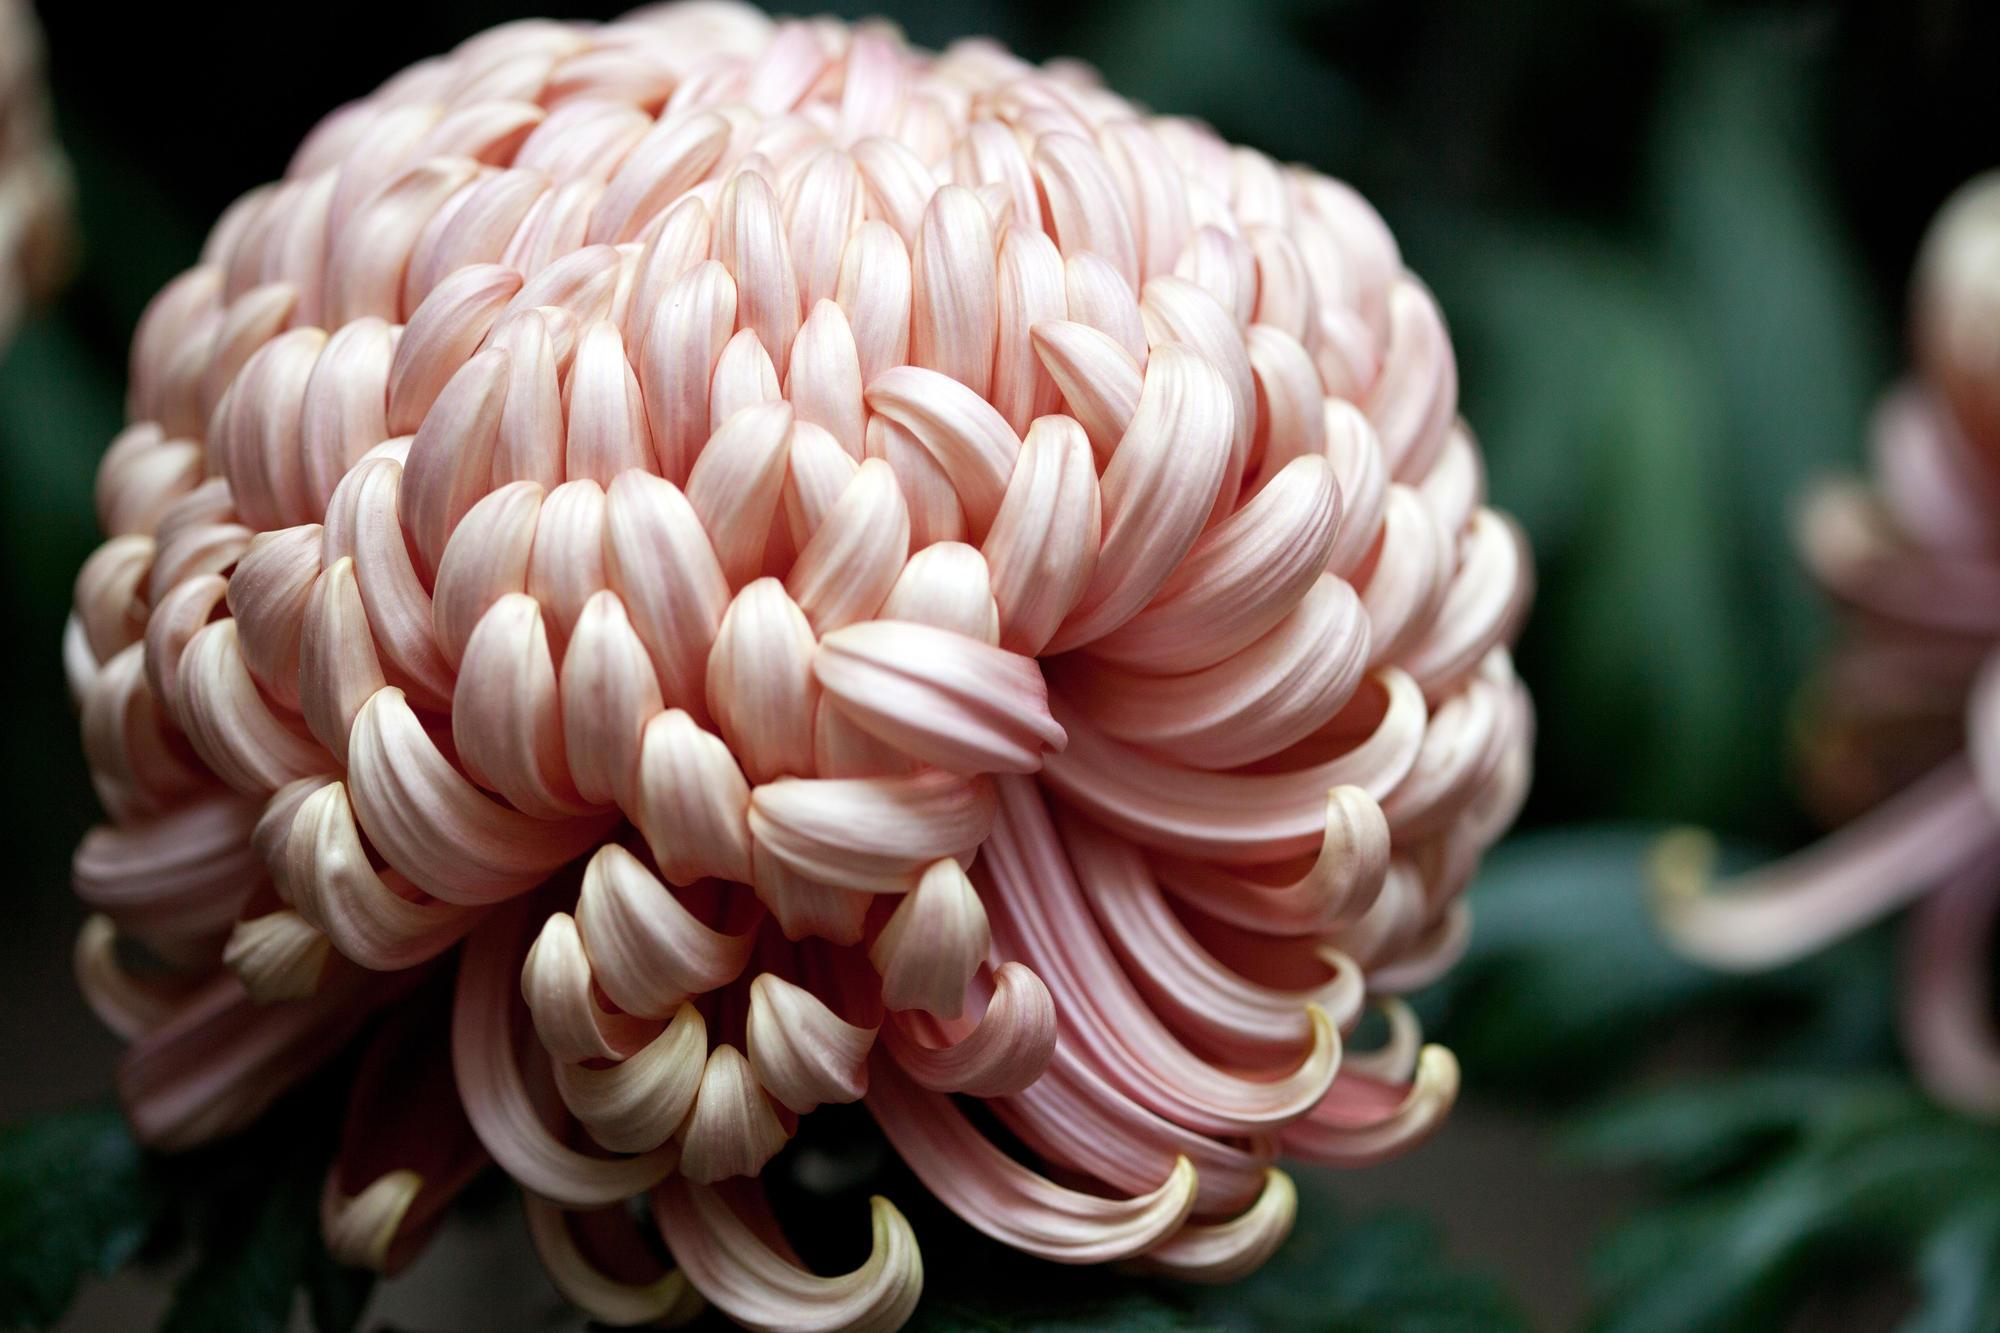 Chrysanthemum from the courtyard display at the Isabella Stewart Gardner Museum